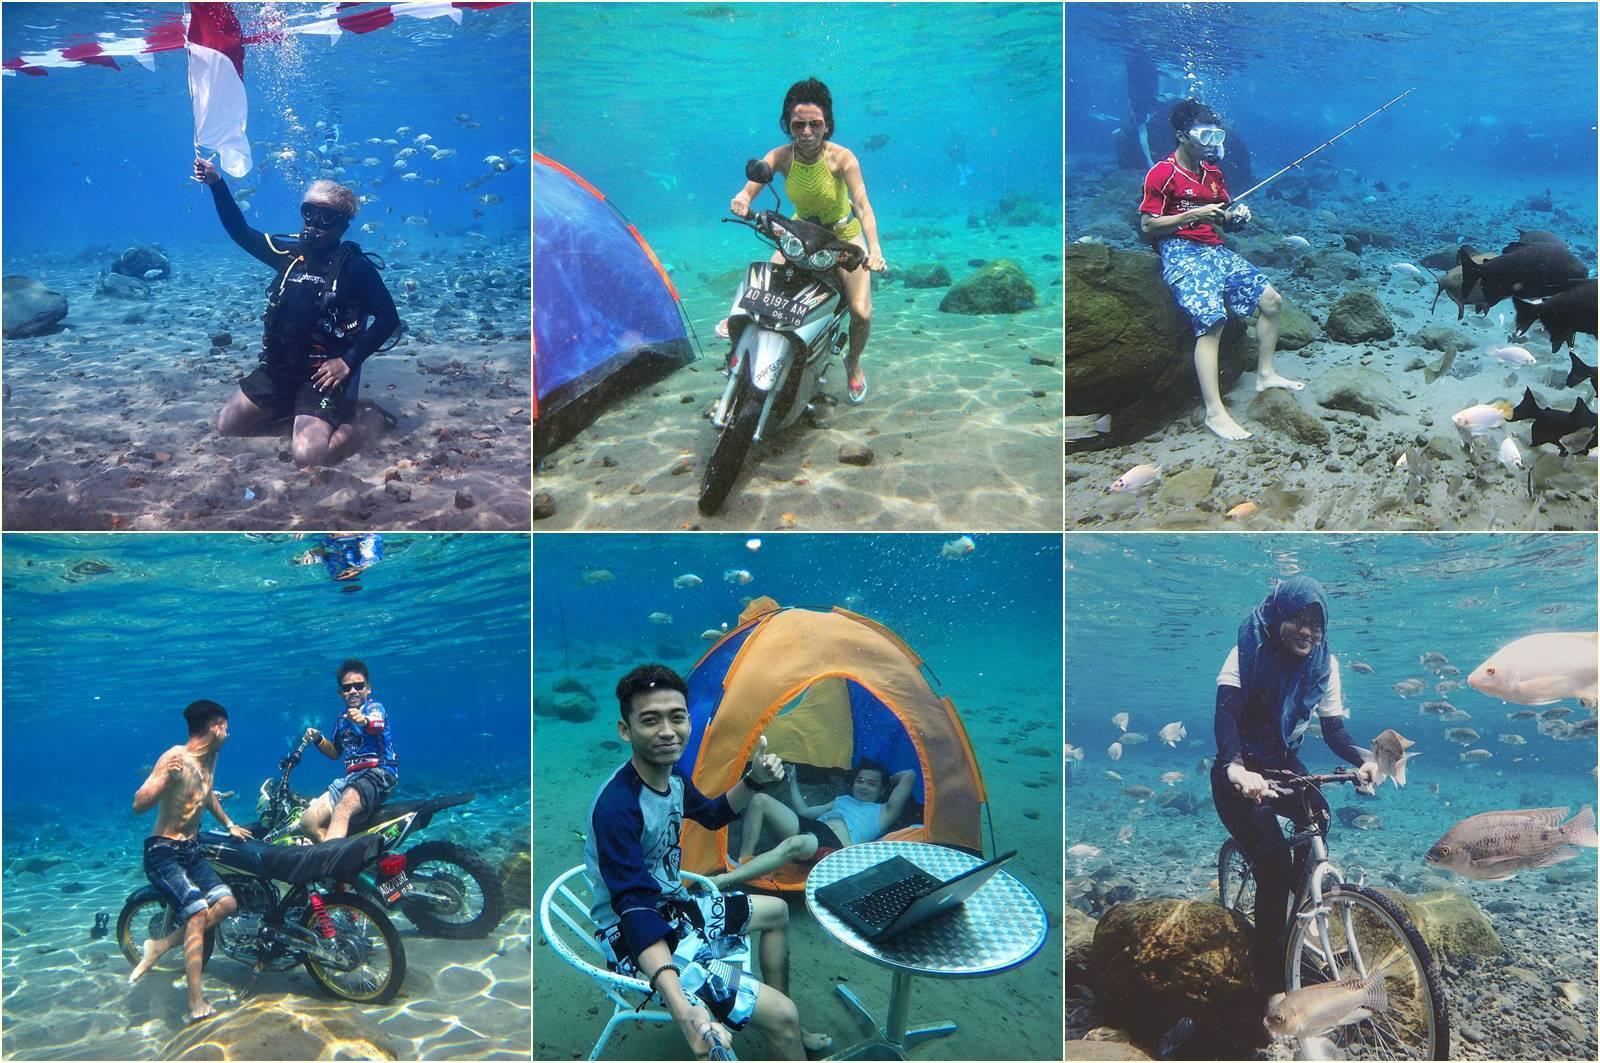 Tempat Wisata Umbul Klaten Keren Liburmulu Ponggok Rasakan Sensasi Berenang